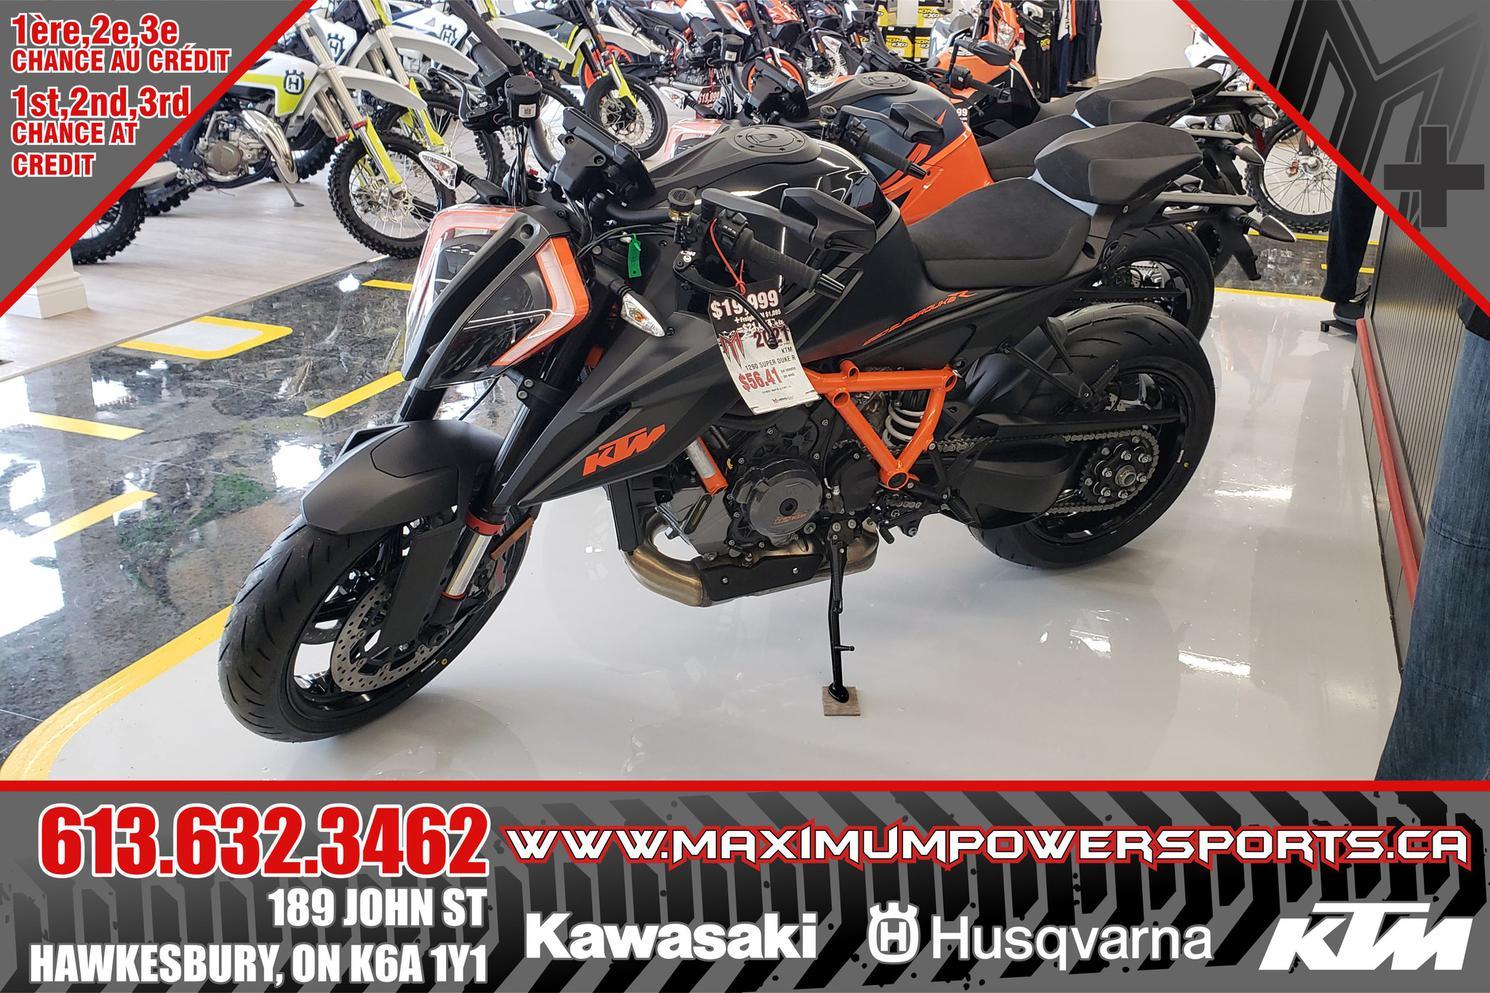 KTM SUPER DUKE R 1290 2021 - SUPER DUKE R 1290